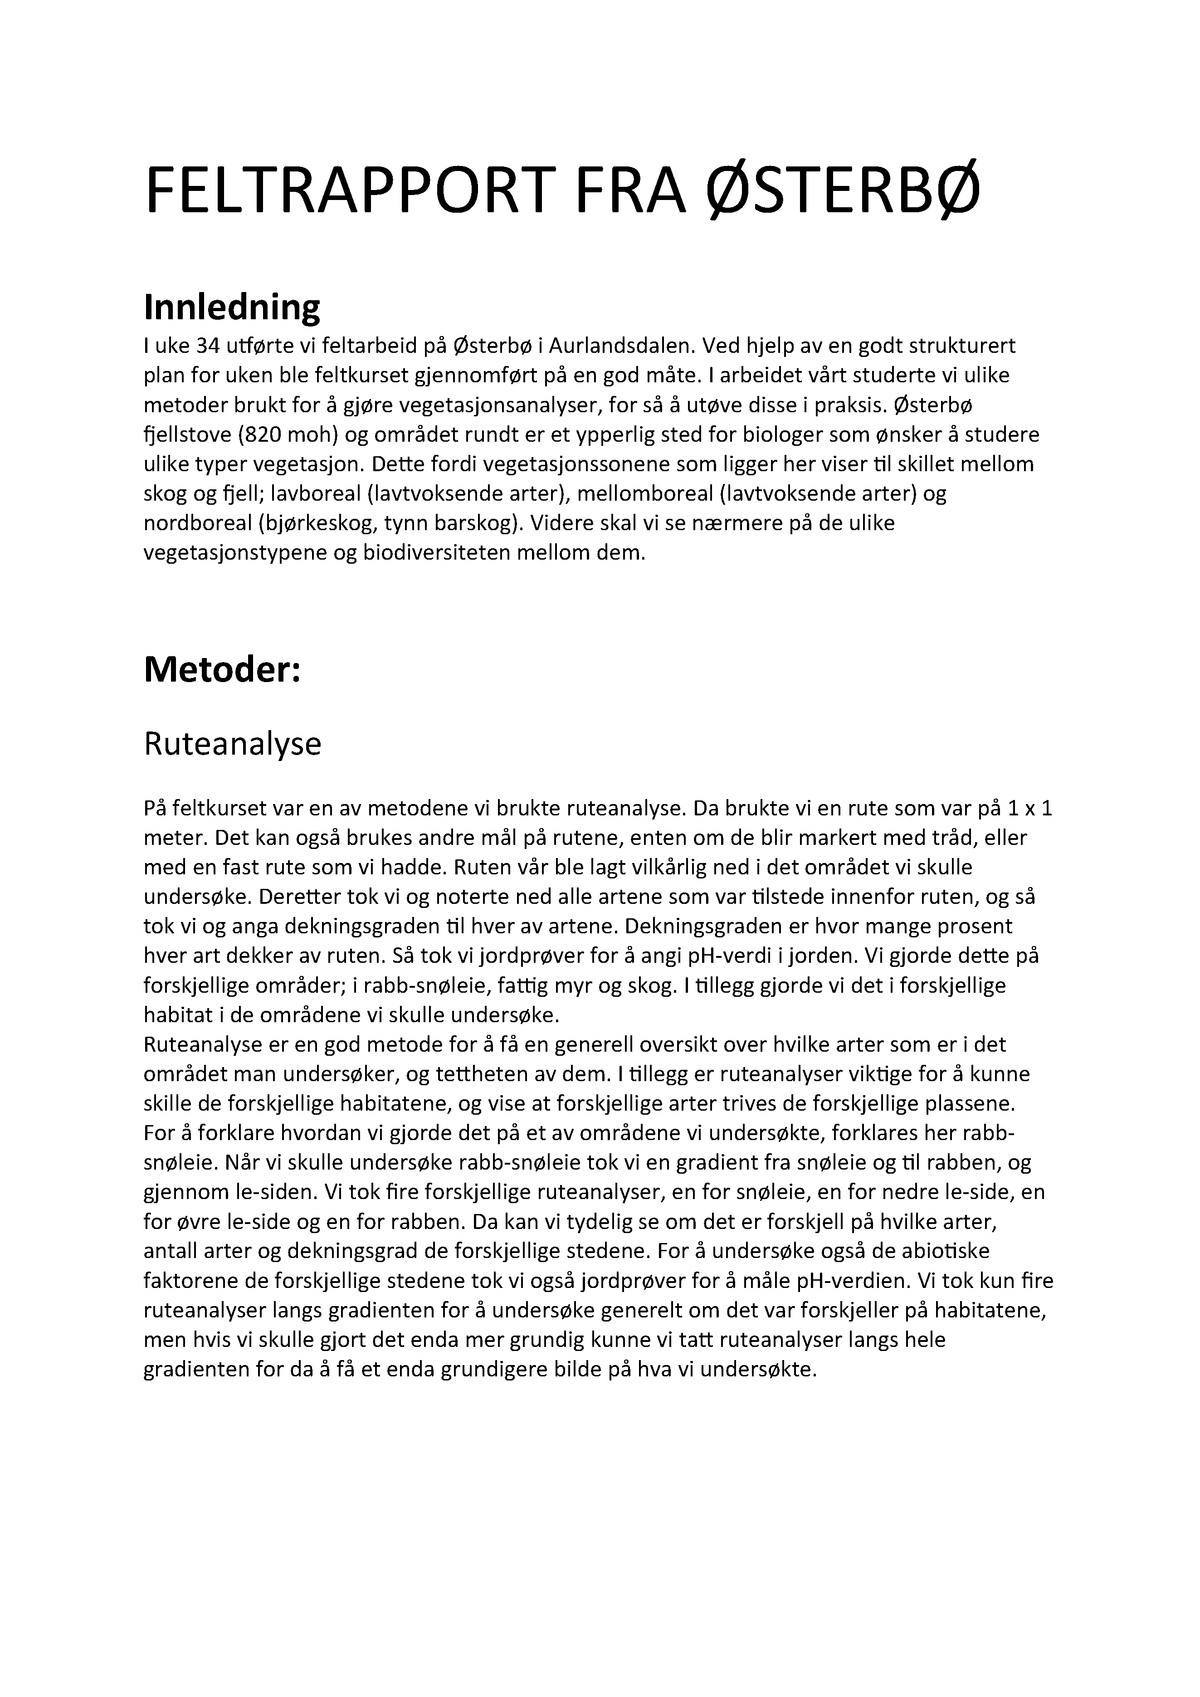 cef3df5f8 Østerbø-vegetasjonstyper og biodiversitet - BIO102: Organismebiologi ...